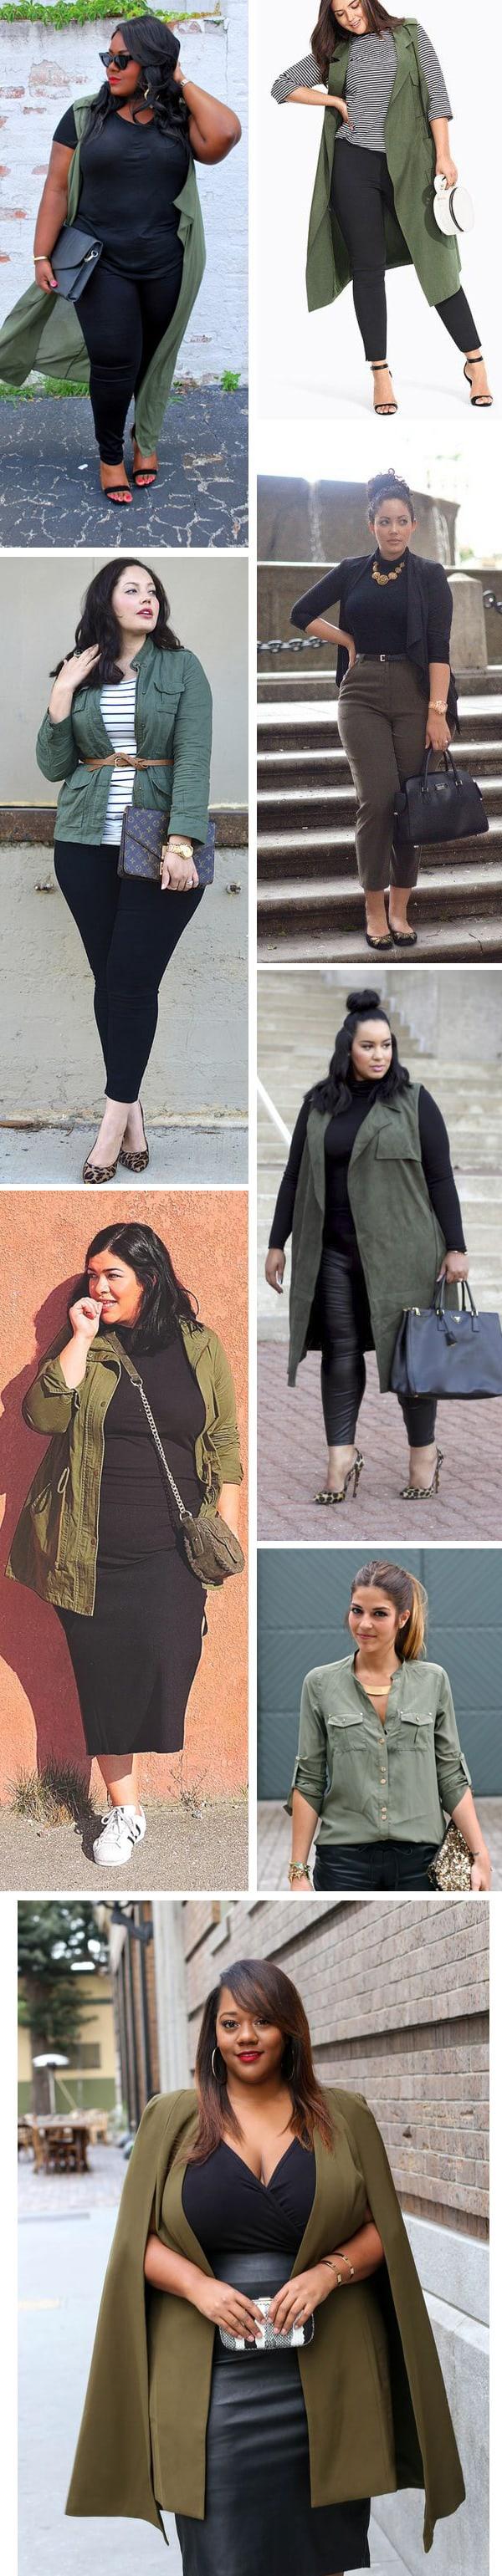 Look total black: come abbinare il nero con il verde militare